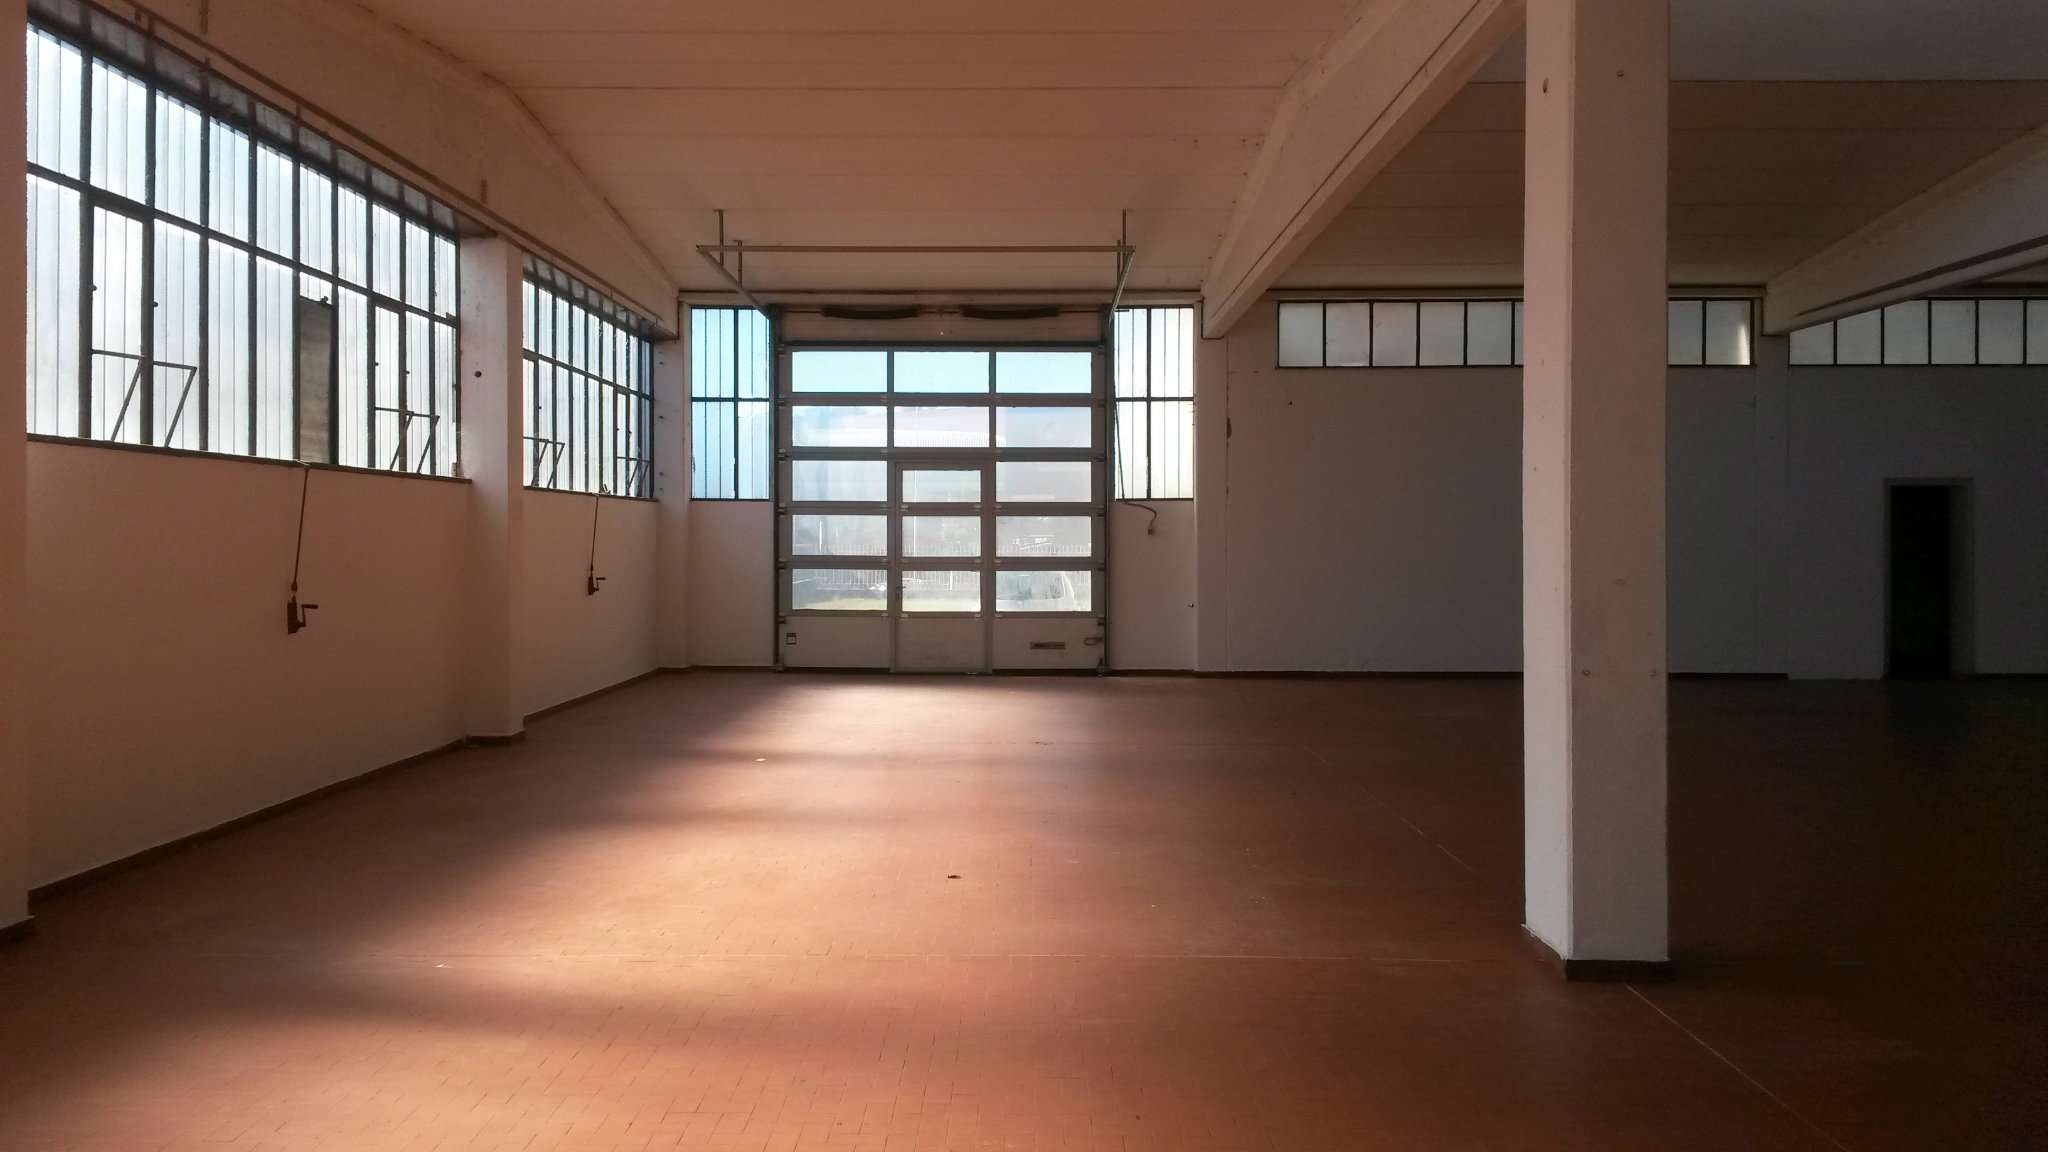 Altro in vendita a Villa Guardia, 10 locali, prezzo € 1.100.000 | PortaleAgenzieImmobiliari.it